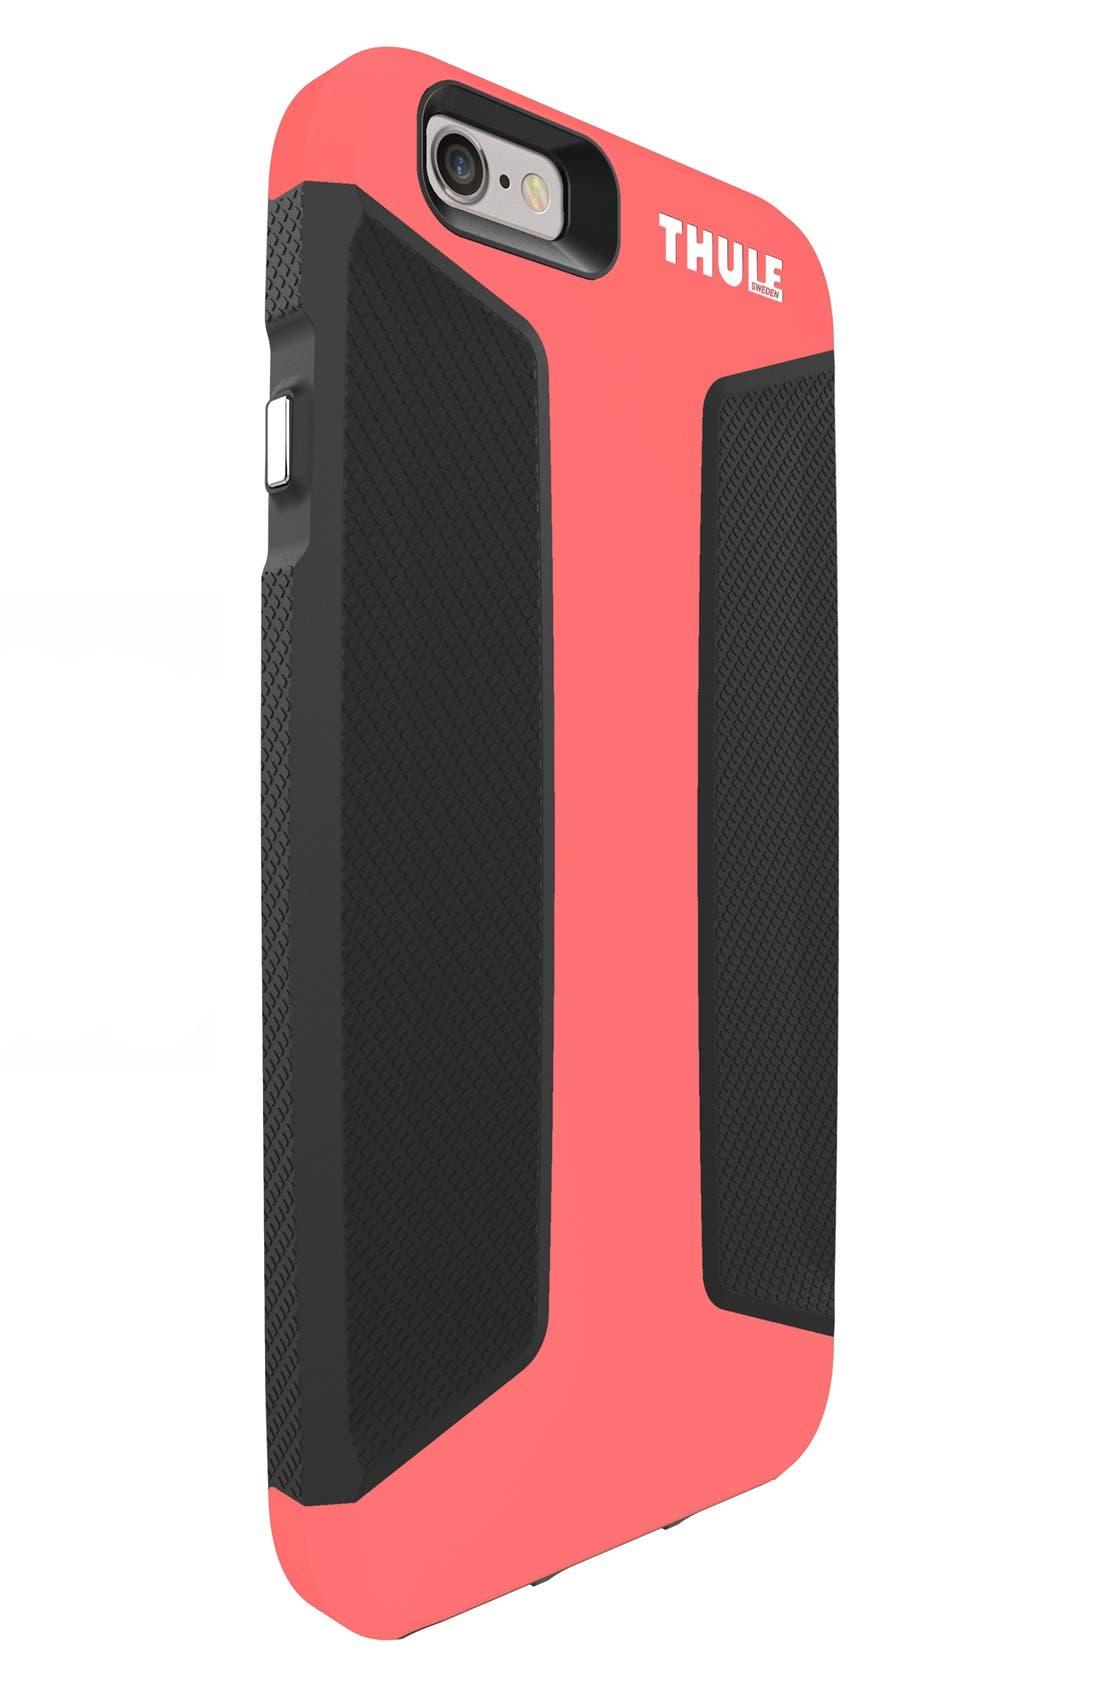 Thule Atmos X4 iPhone 6 Plus/6s Plus Case